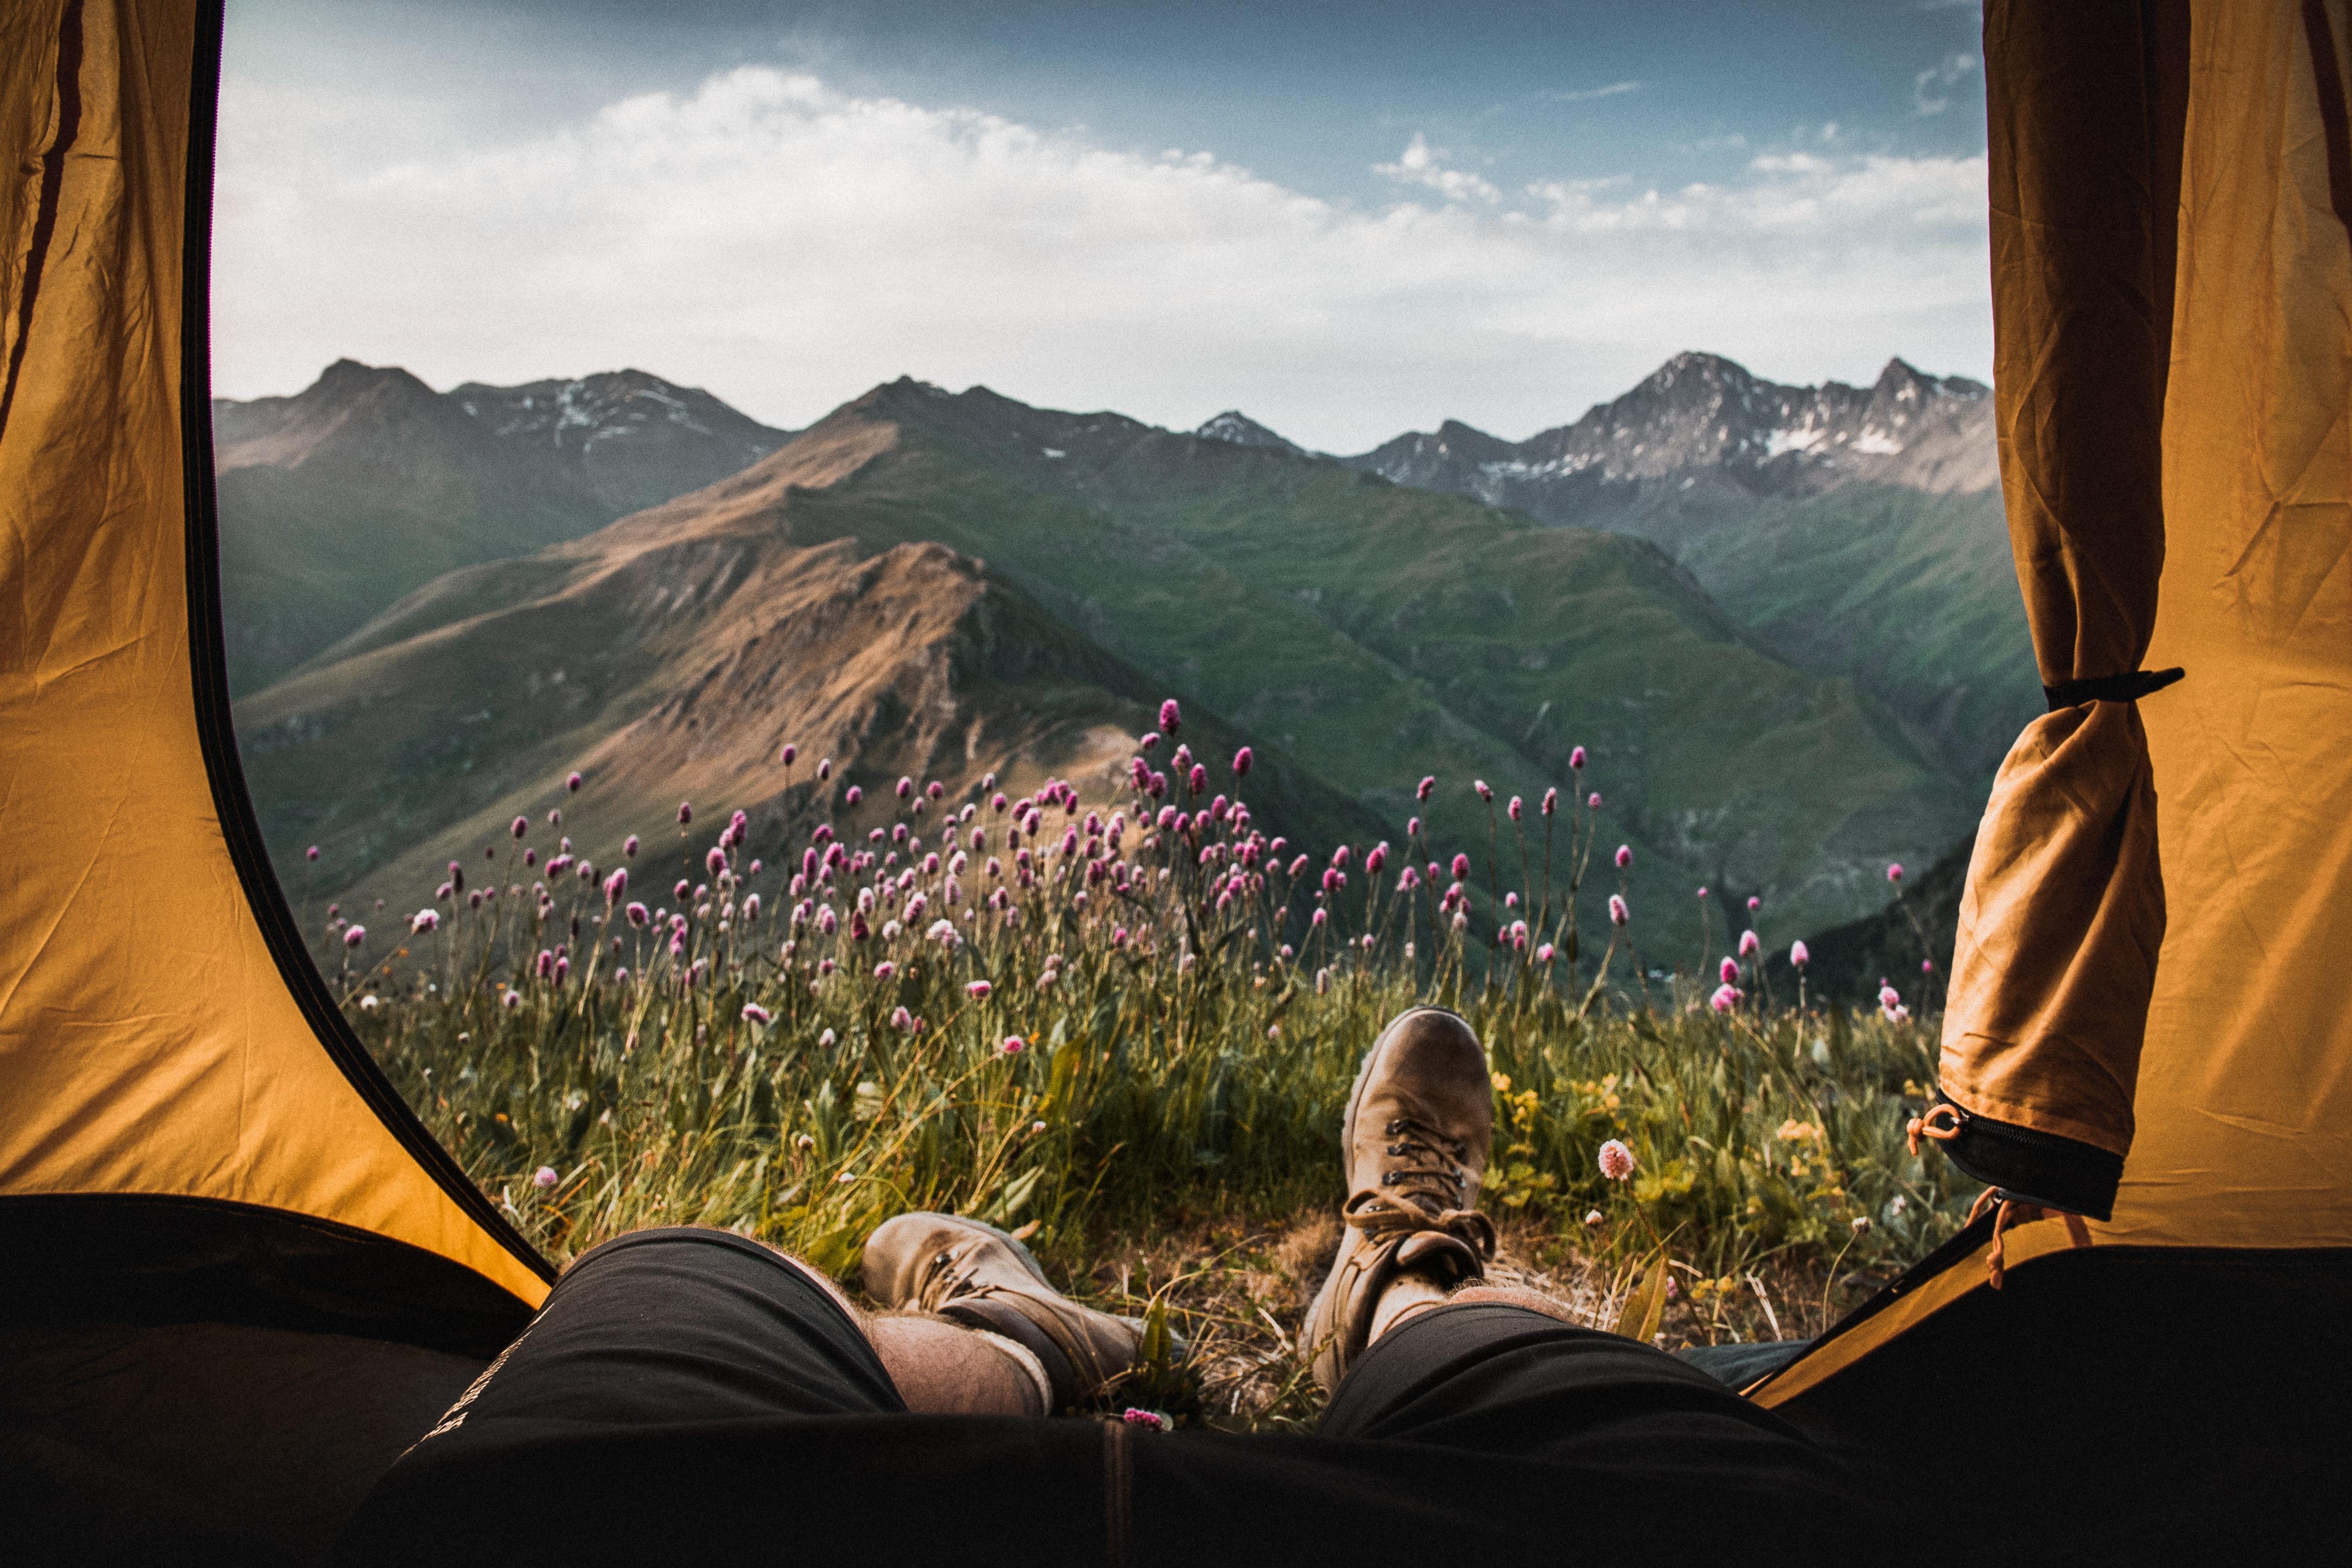 삶은 마라톤이라기보다, 여행입니다.